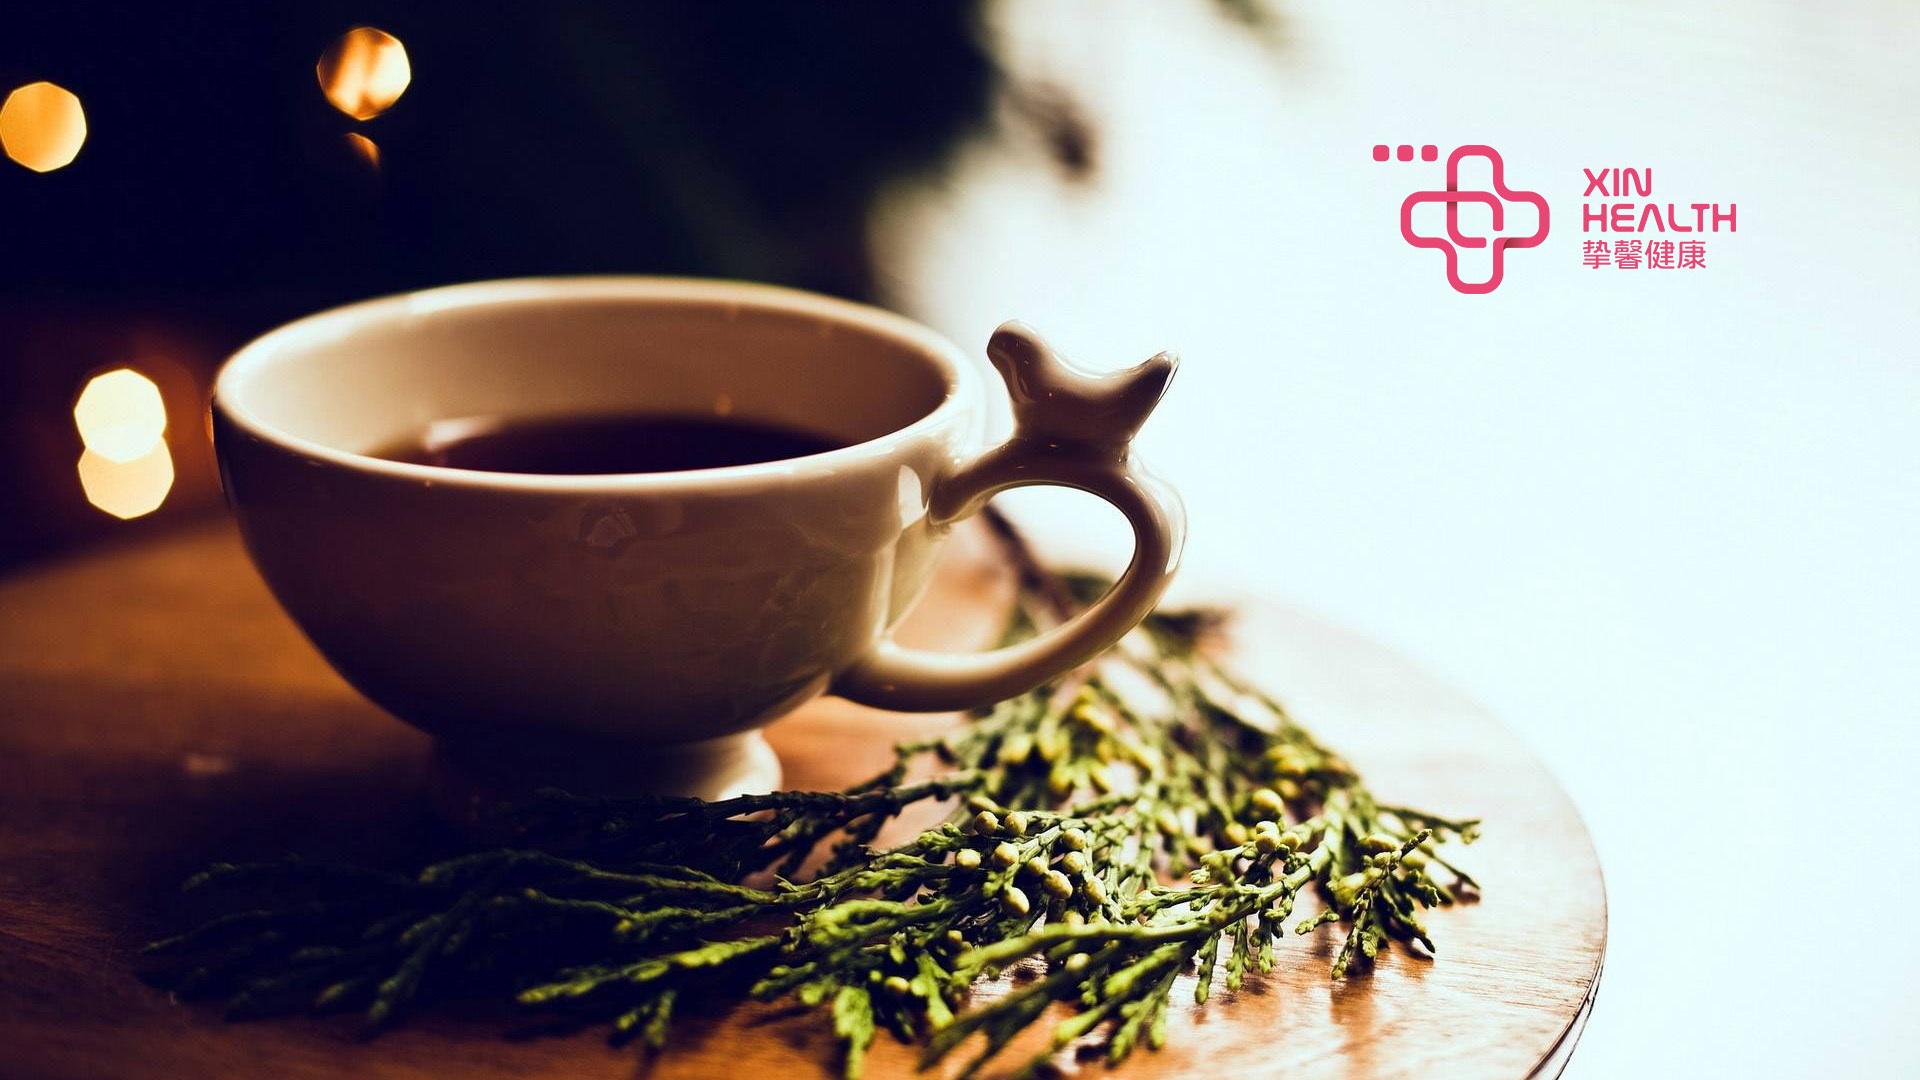 喝茶能够起到降血压的作用吗?